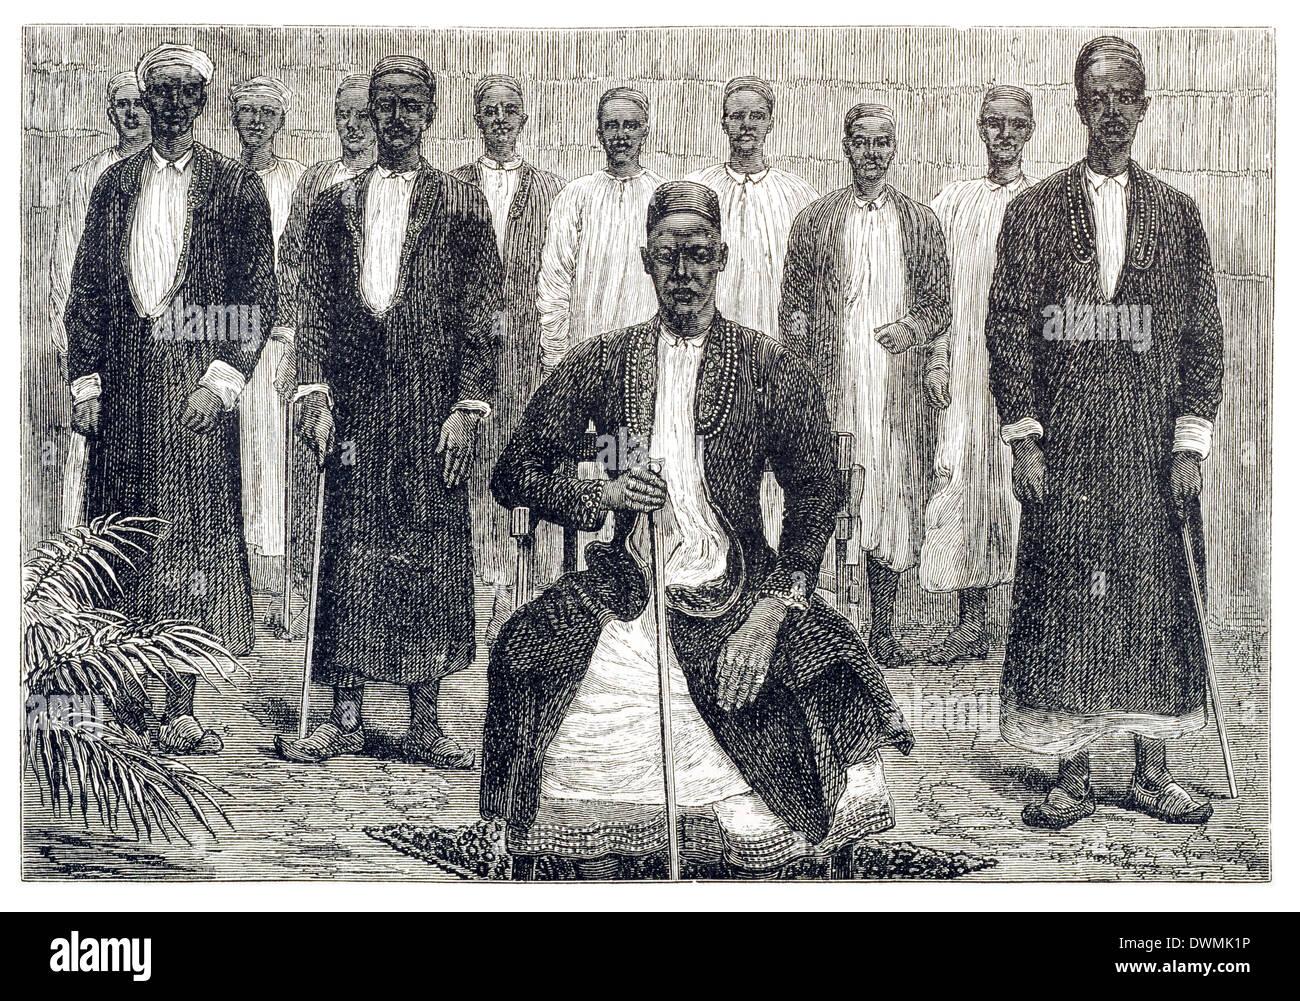 Los jefes tribales L/R Sekeboro Chagwe Pokino de jefe, el Primer Ministro, el emperador Mtesa Chambarango de Uganda, el jefe. Imagen De Stock